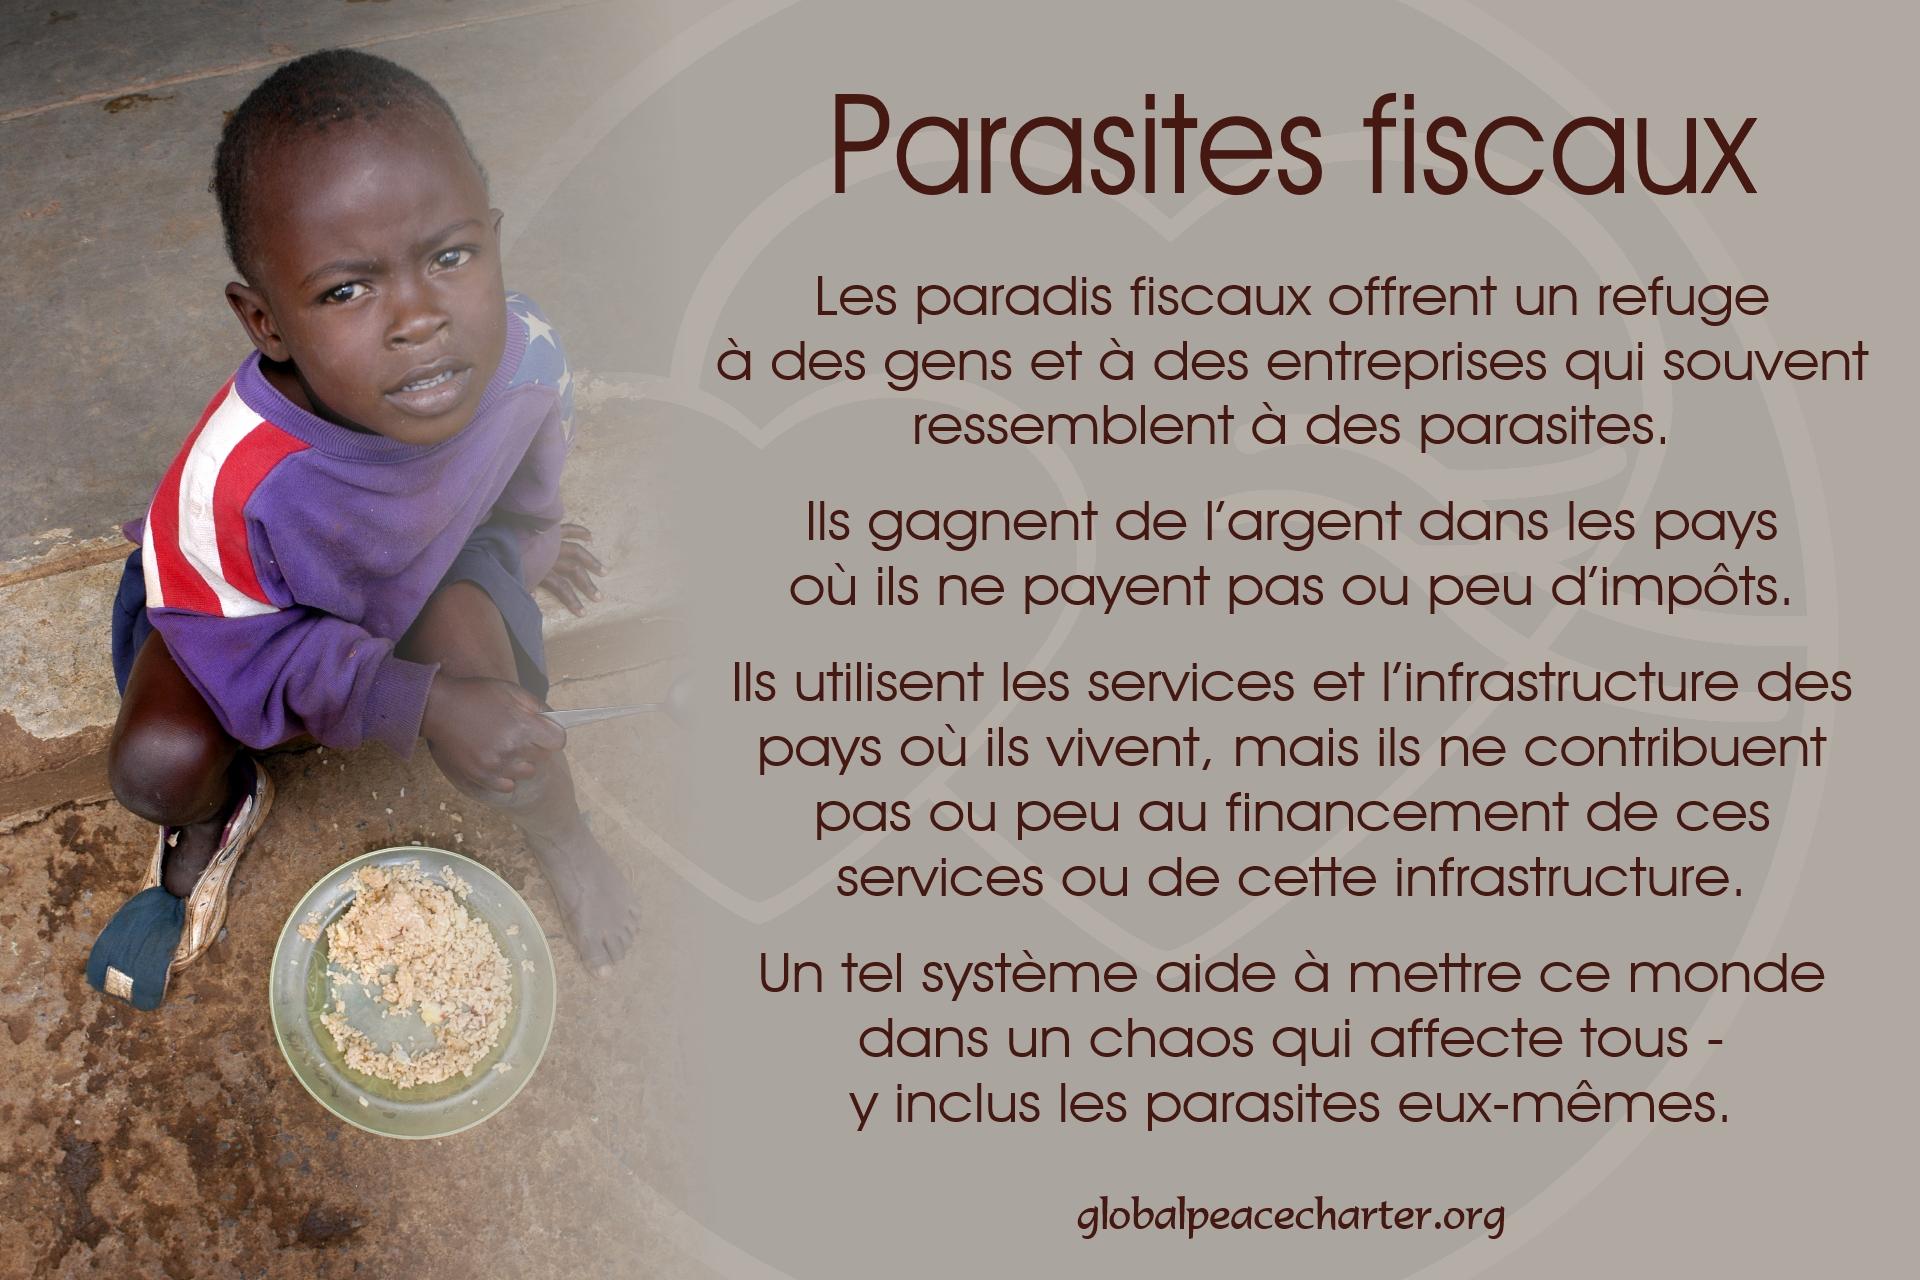 Parasites fiscaux